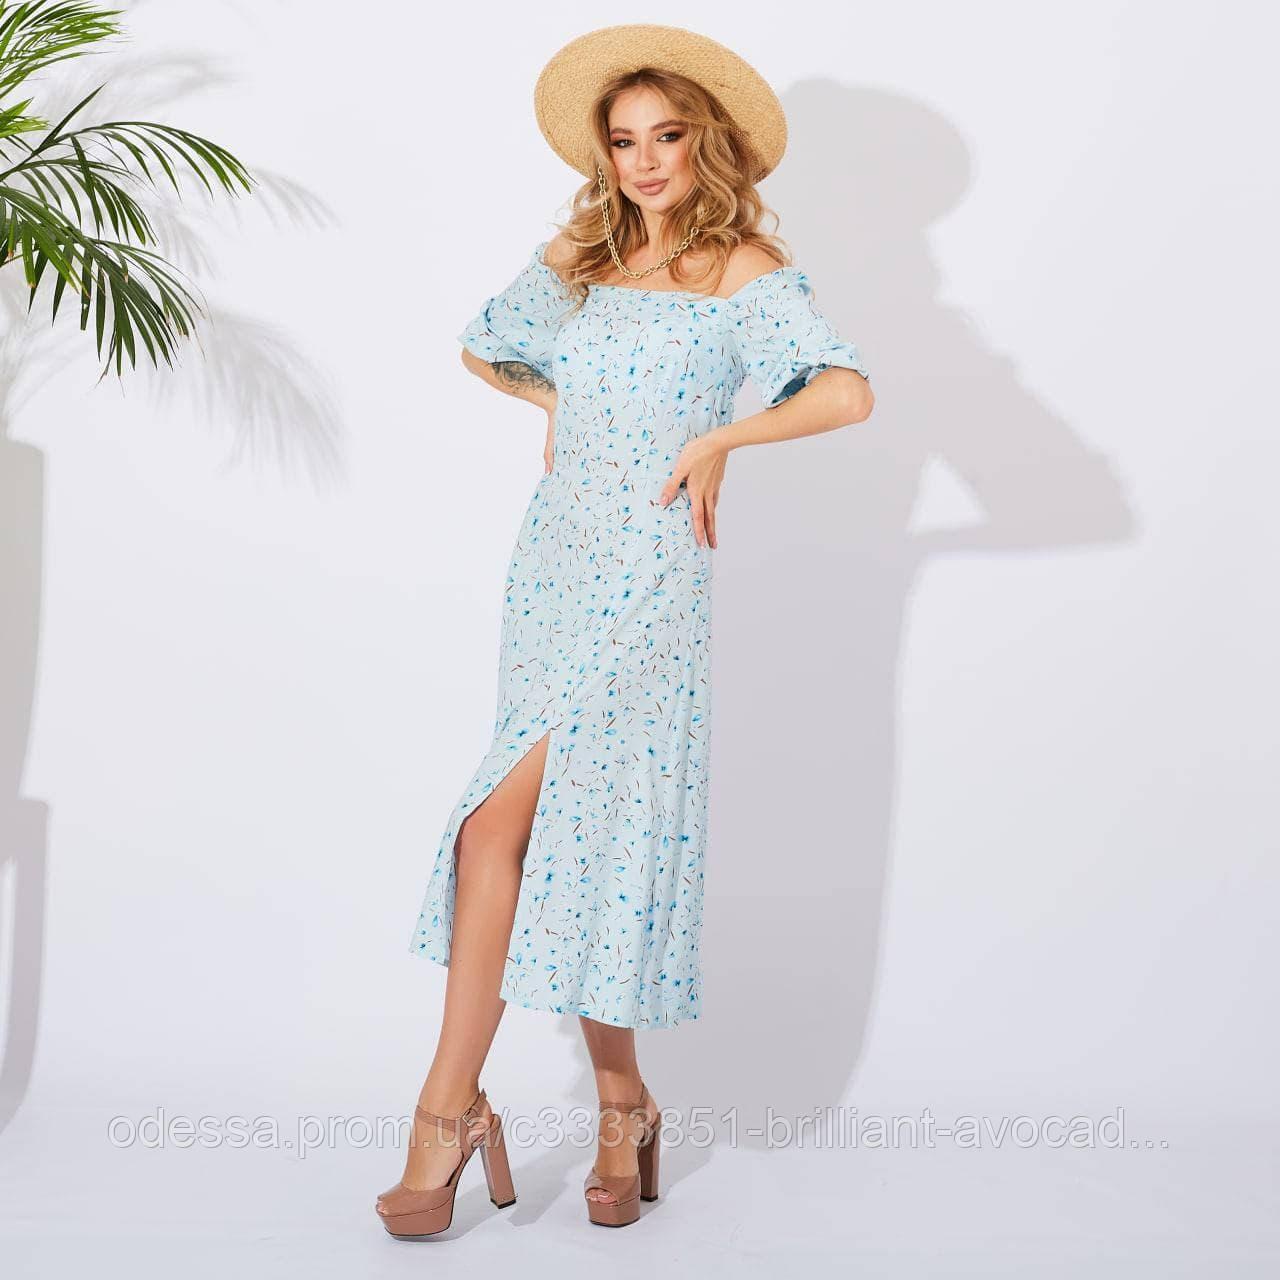 Жіноче літнє довге плаття з відкритими плечима в квітковий принт